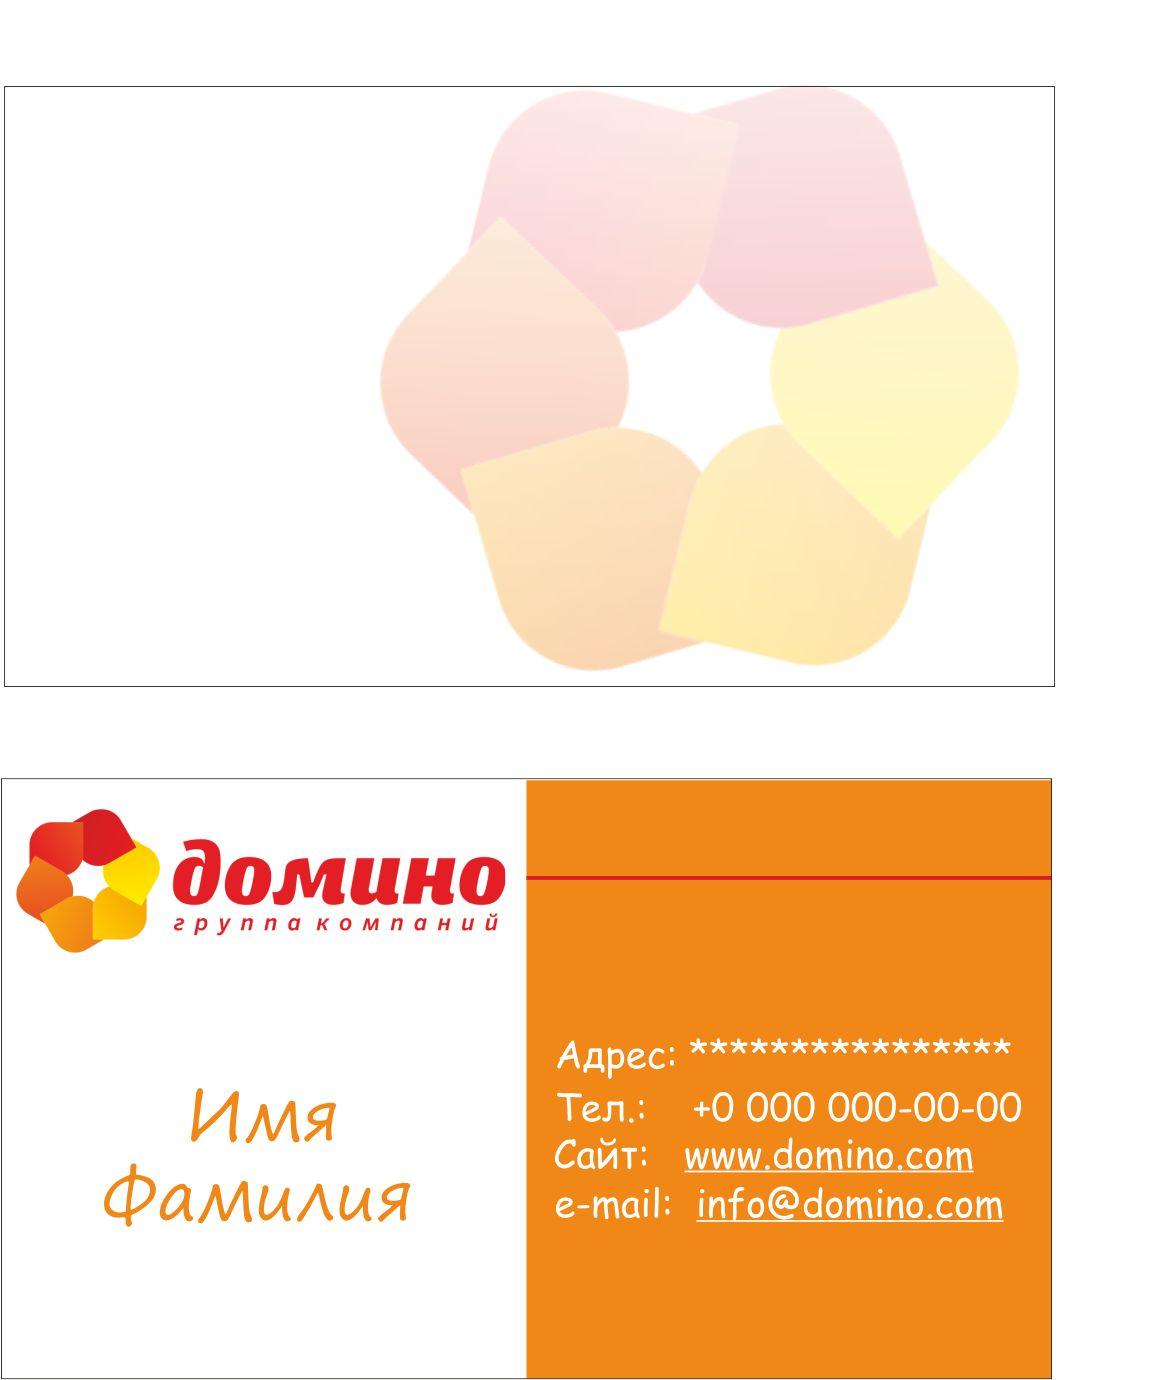 Разработка фирменного стиля (логотип готовый)  - дизайнер Anelu